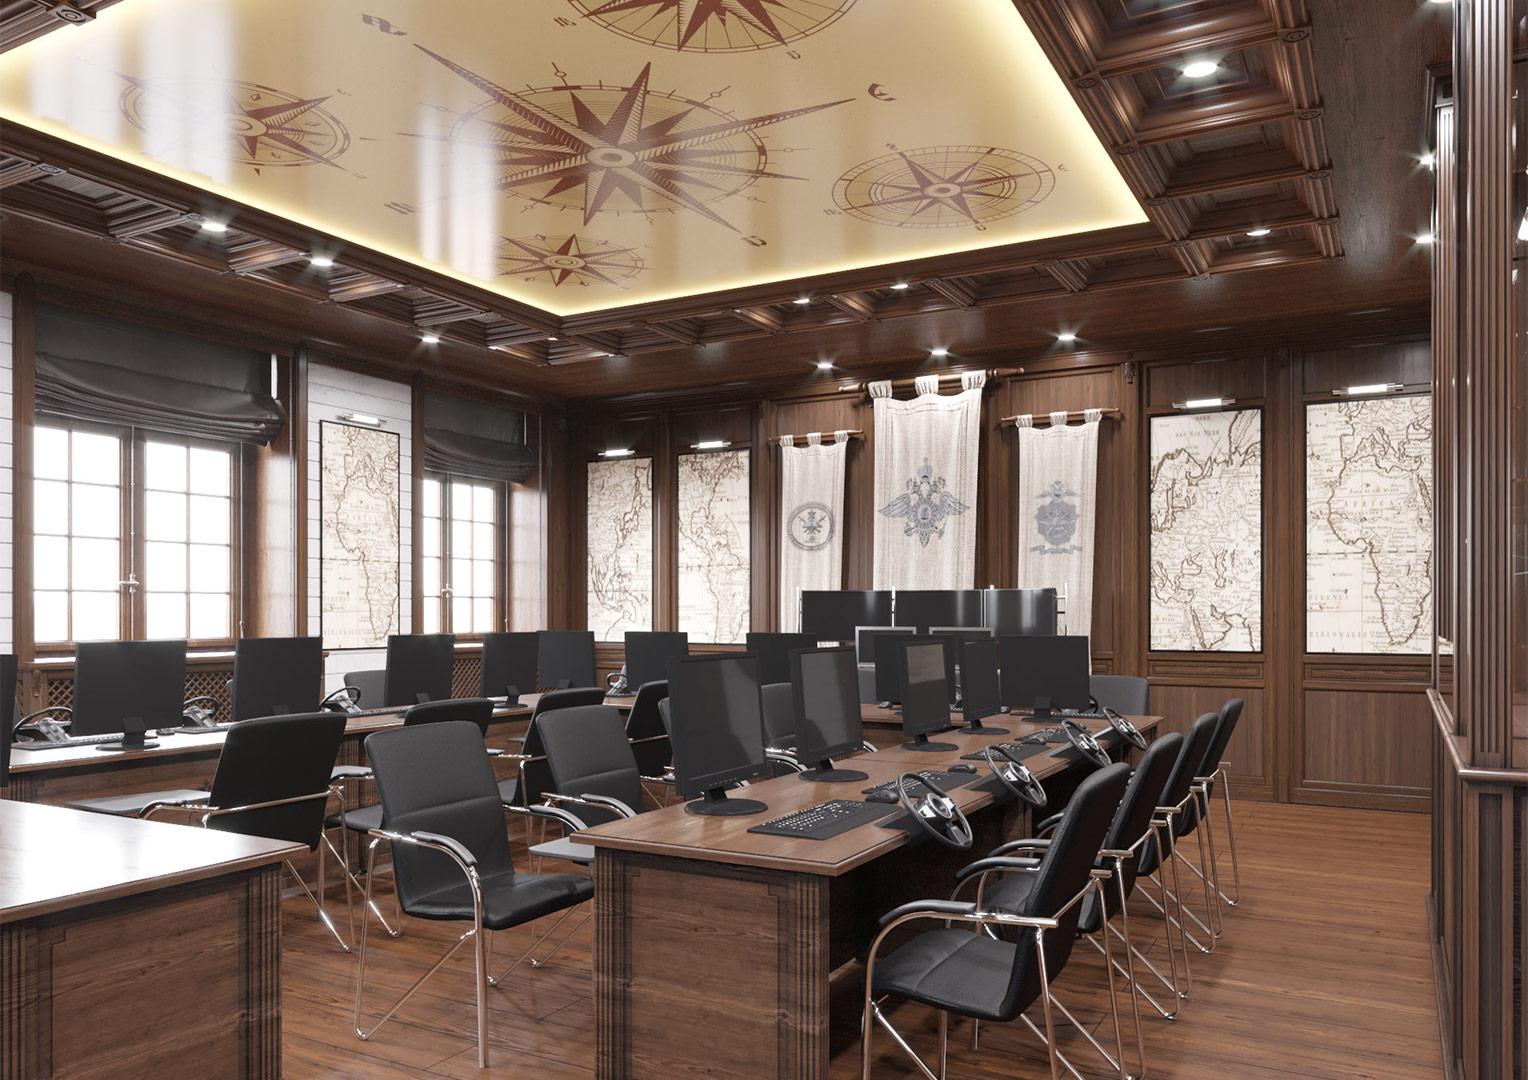 Интерьер аудитории судовождения